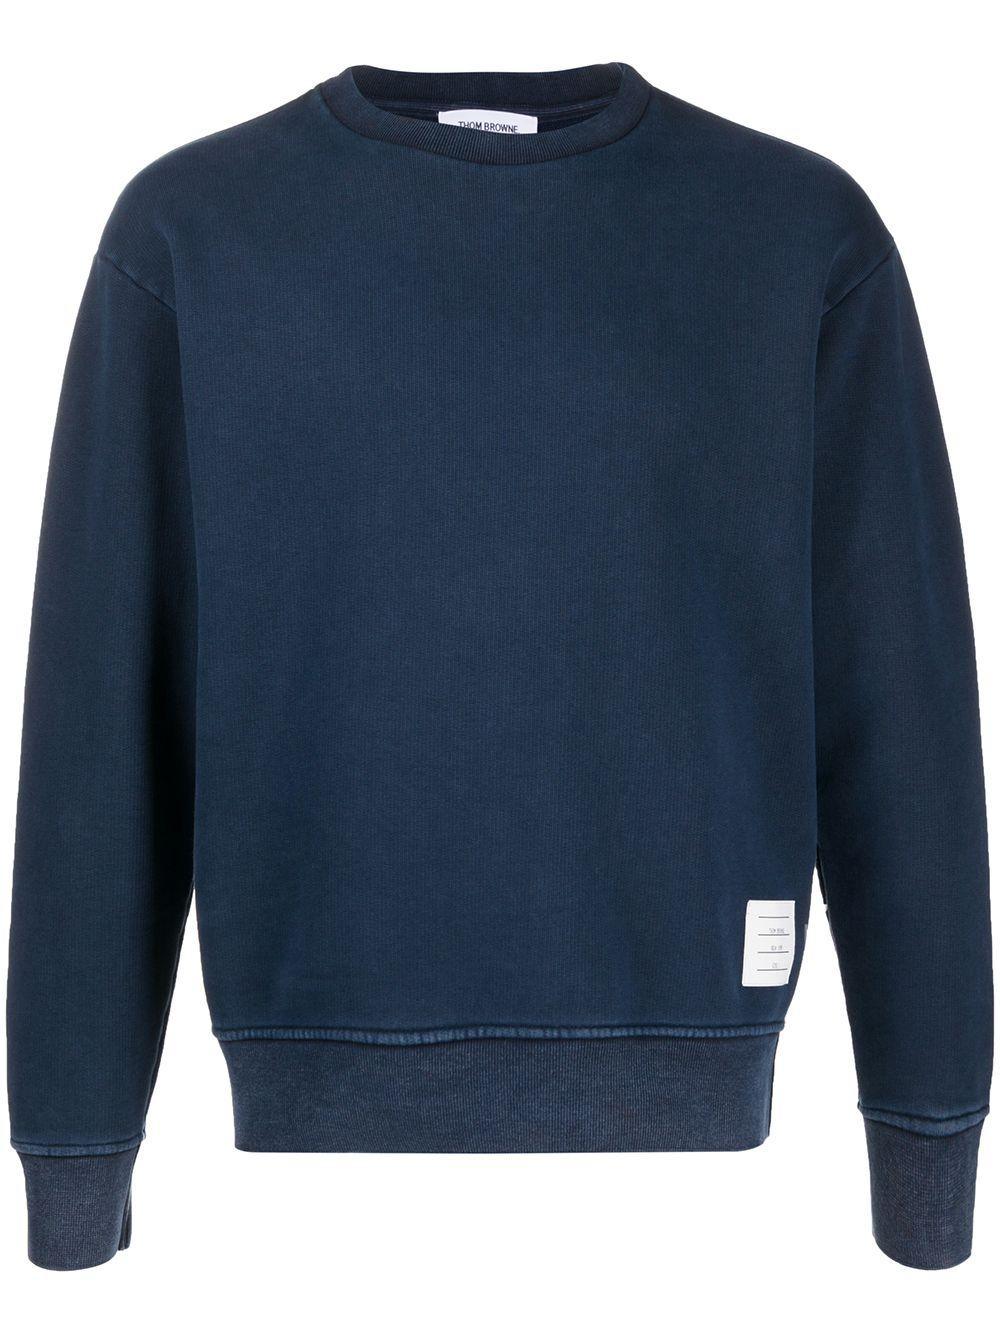 Thom Browne Sweatshirt mit Rundhalsausschnitt - Blau